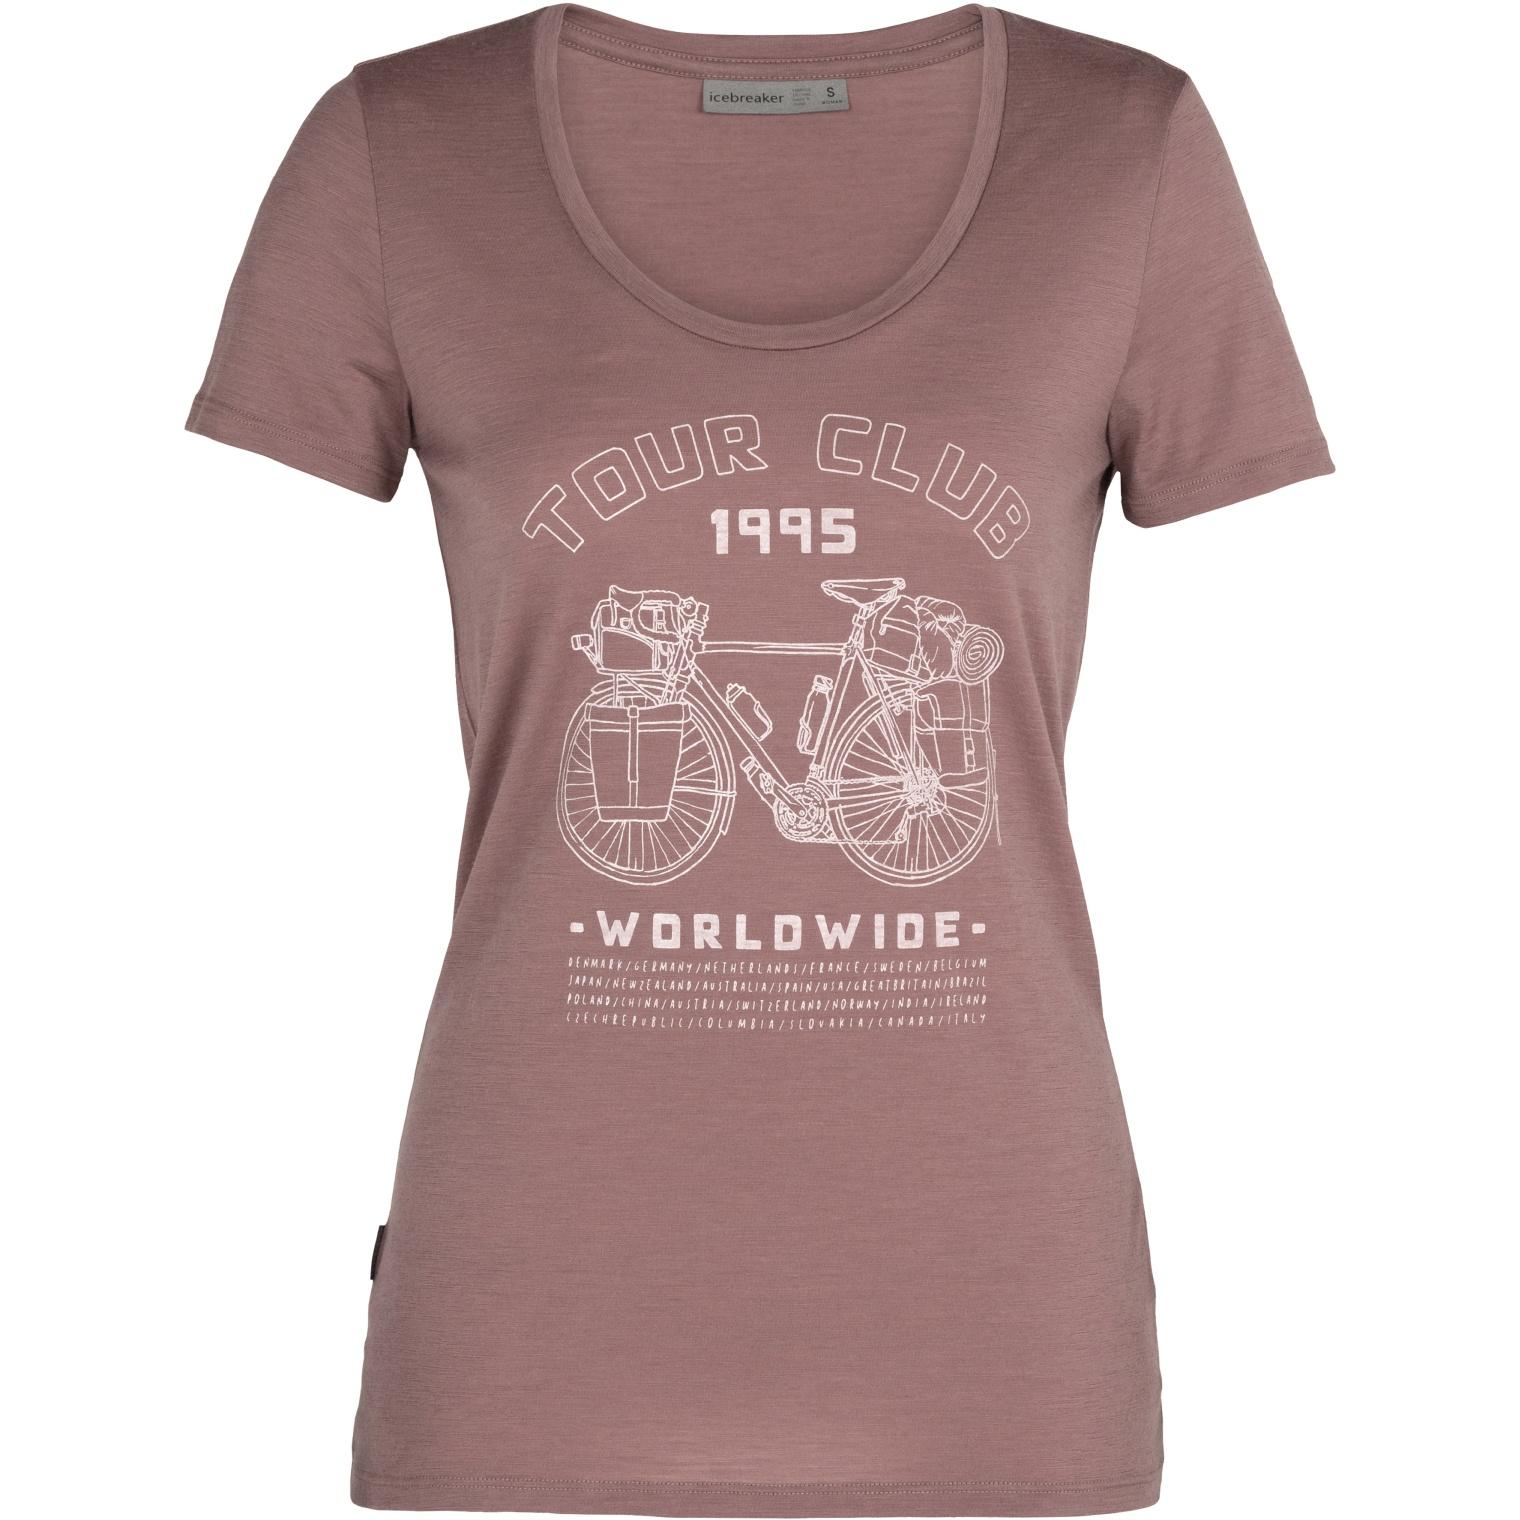 Produktbild von Icebreaker Tech Lite Scoop Tour Club 1995 Damen T-Shirt - Suede